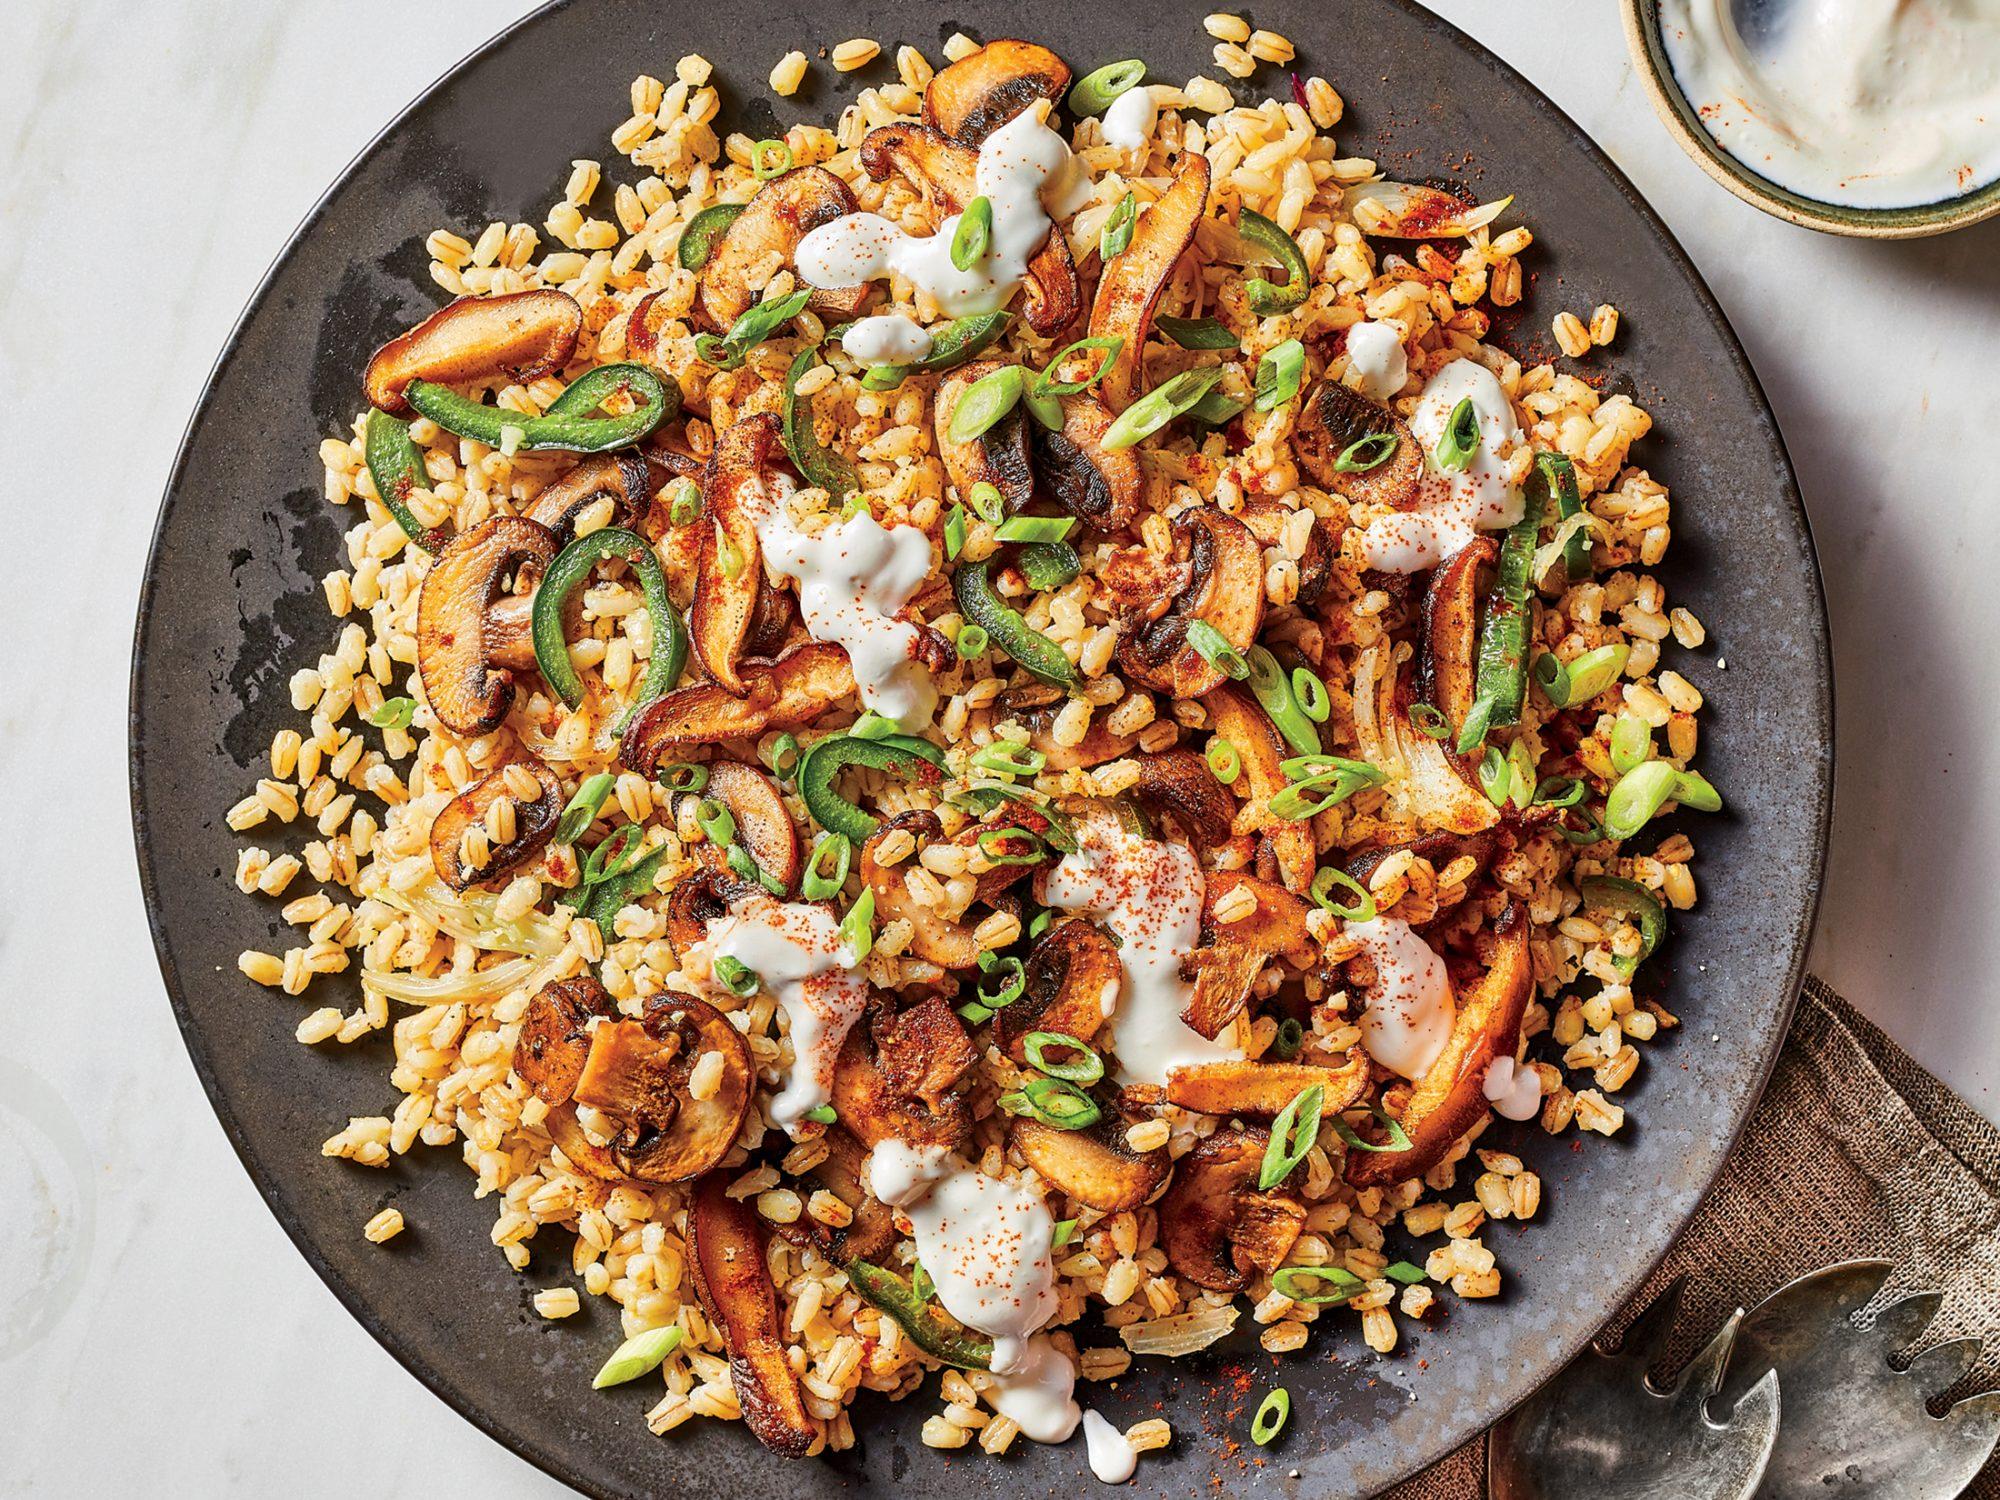 Smoky Mushroom and Barley Salad with Poblano